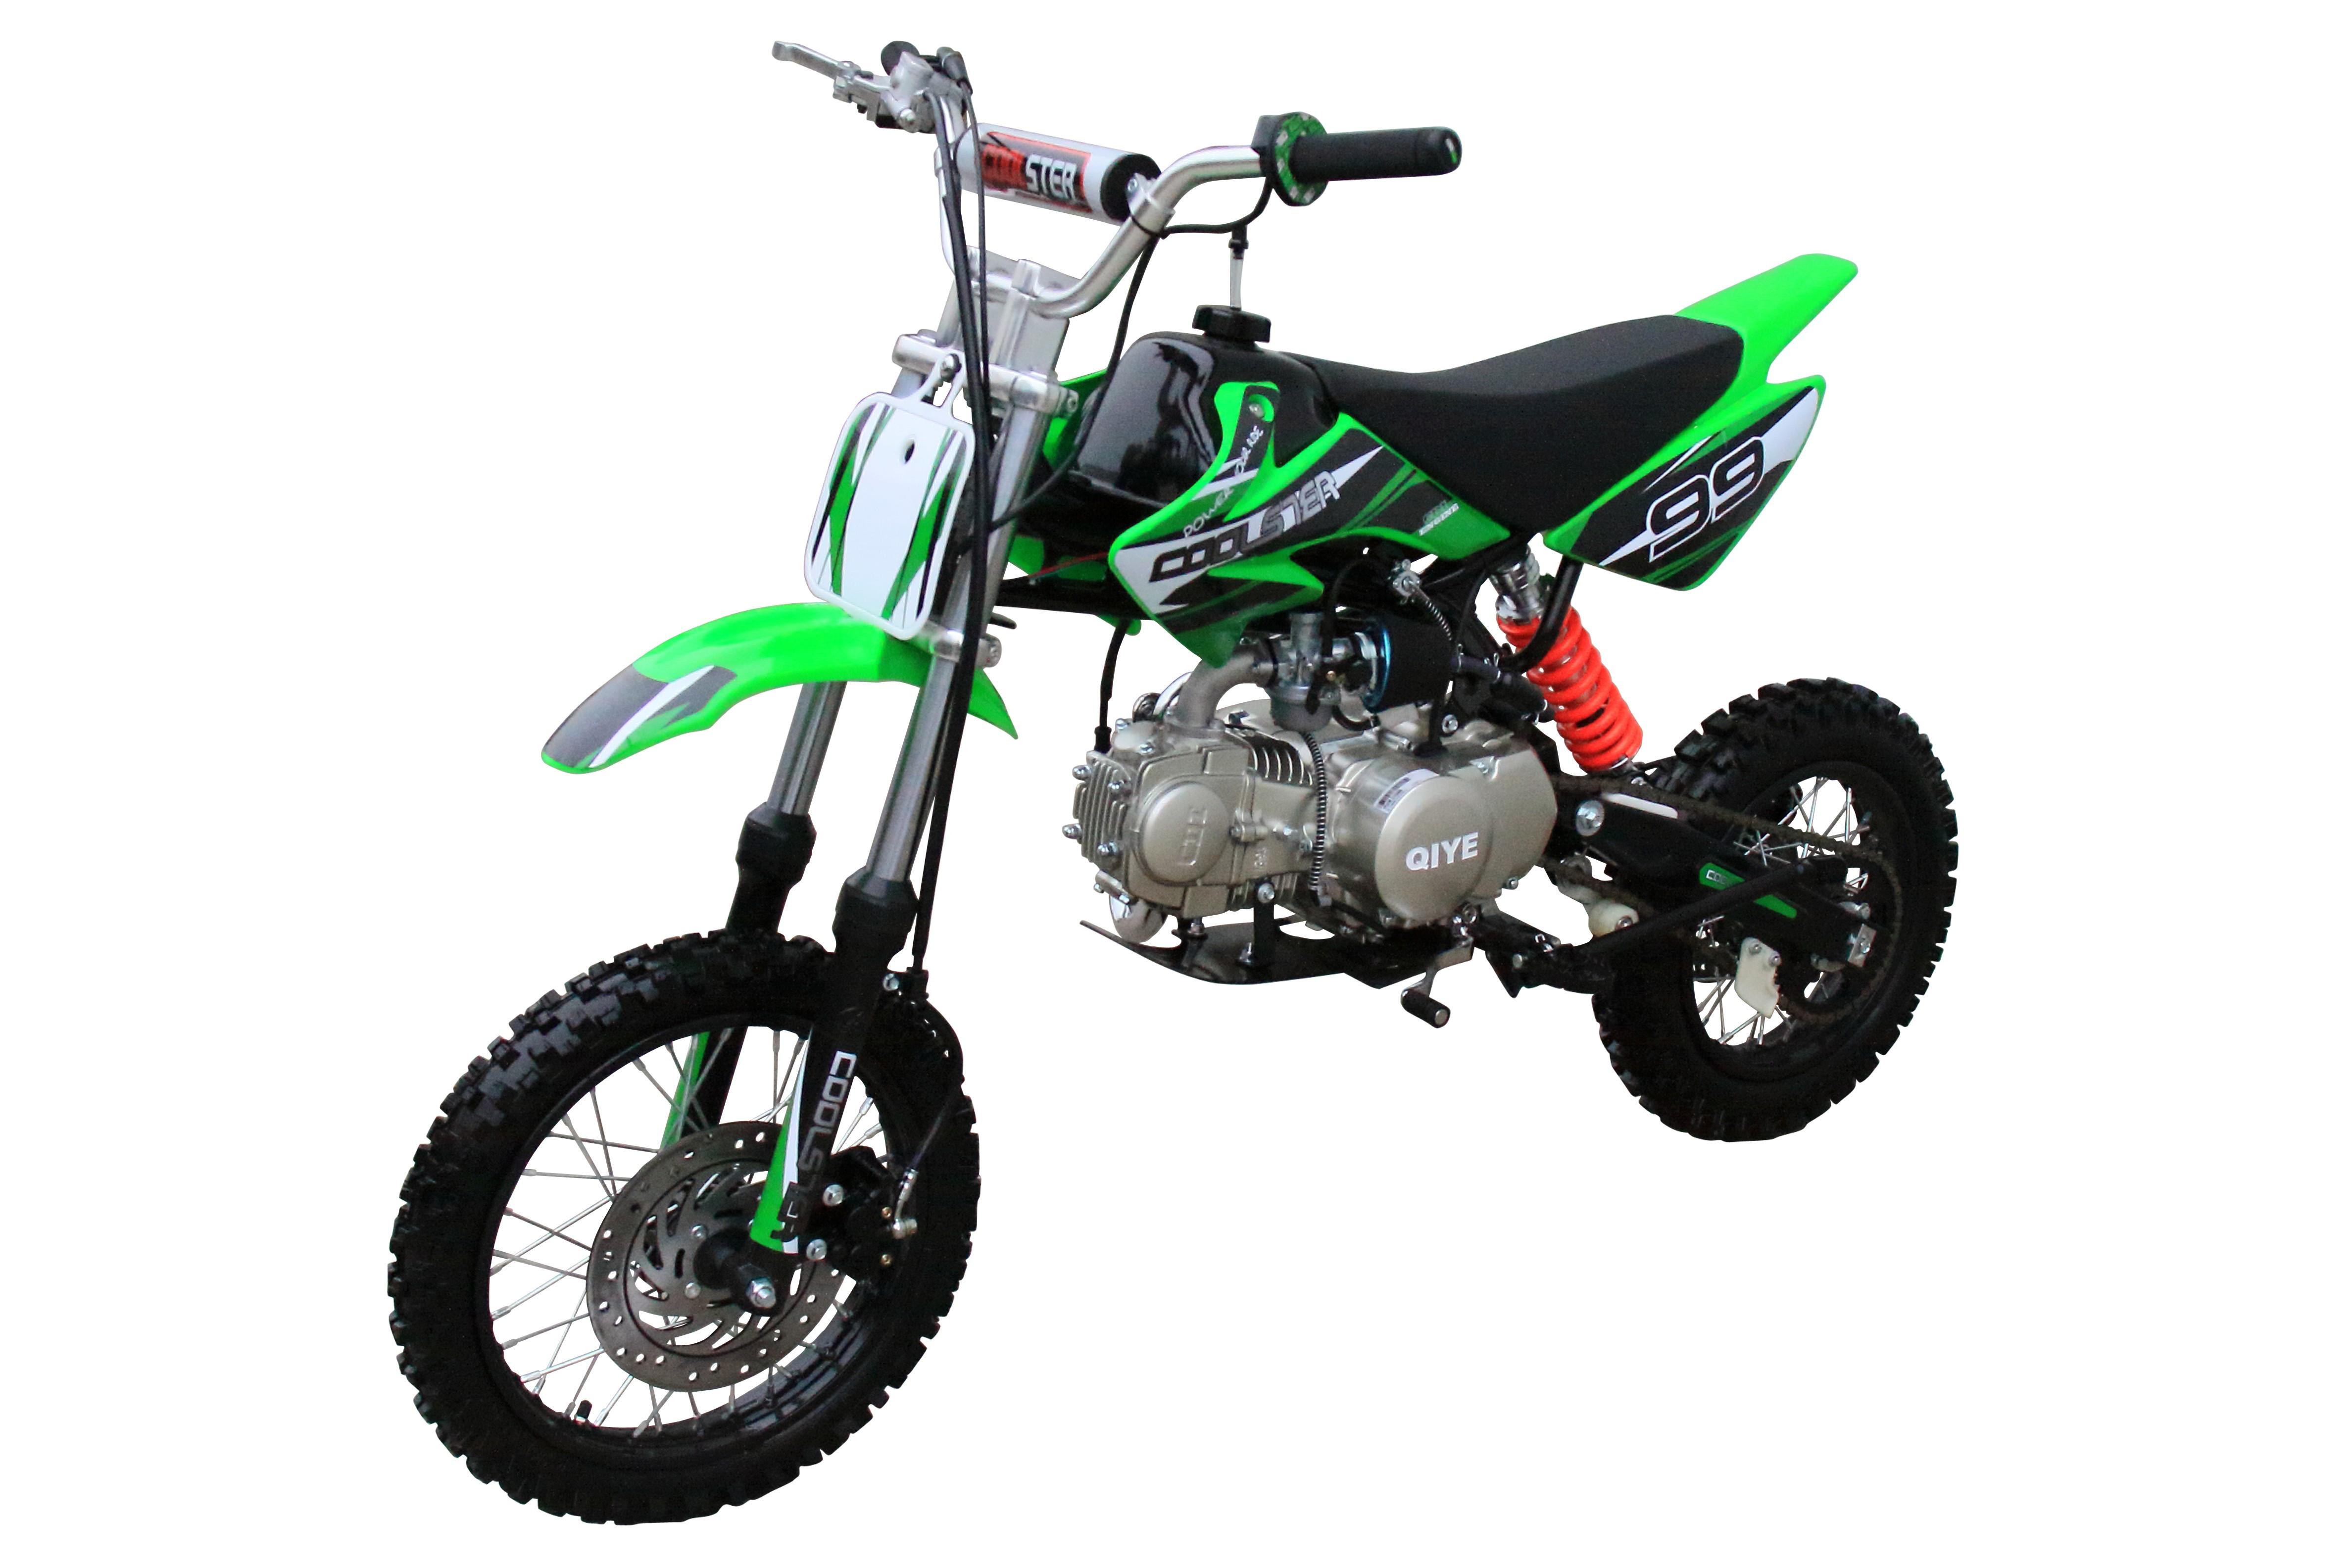 Coolster 125cc Xr125 Semi Auto Pit Dirt Bike